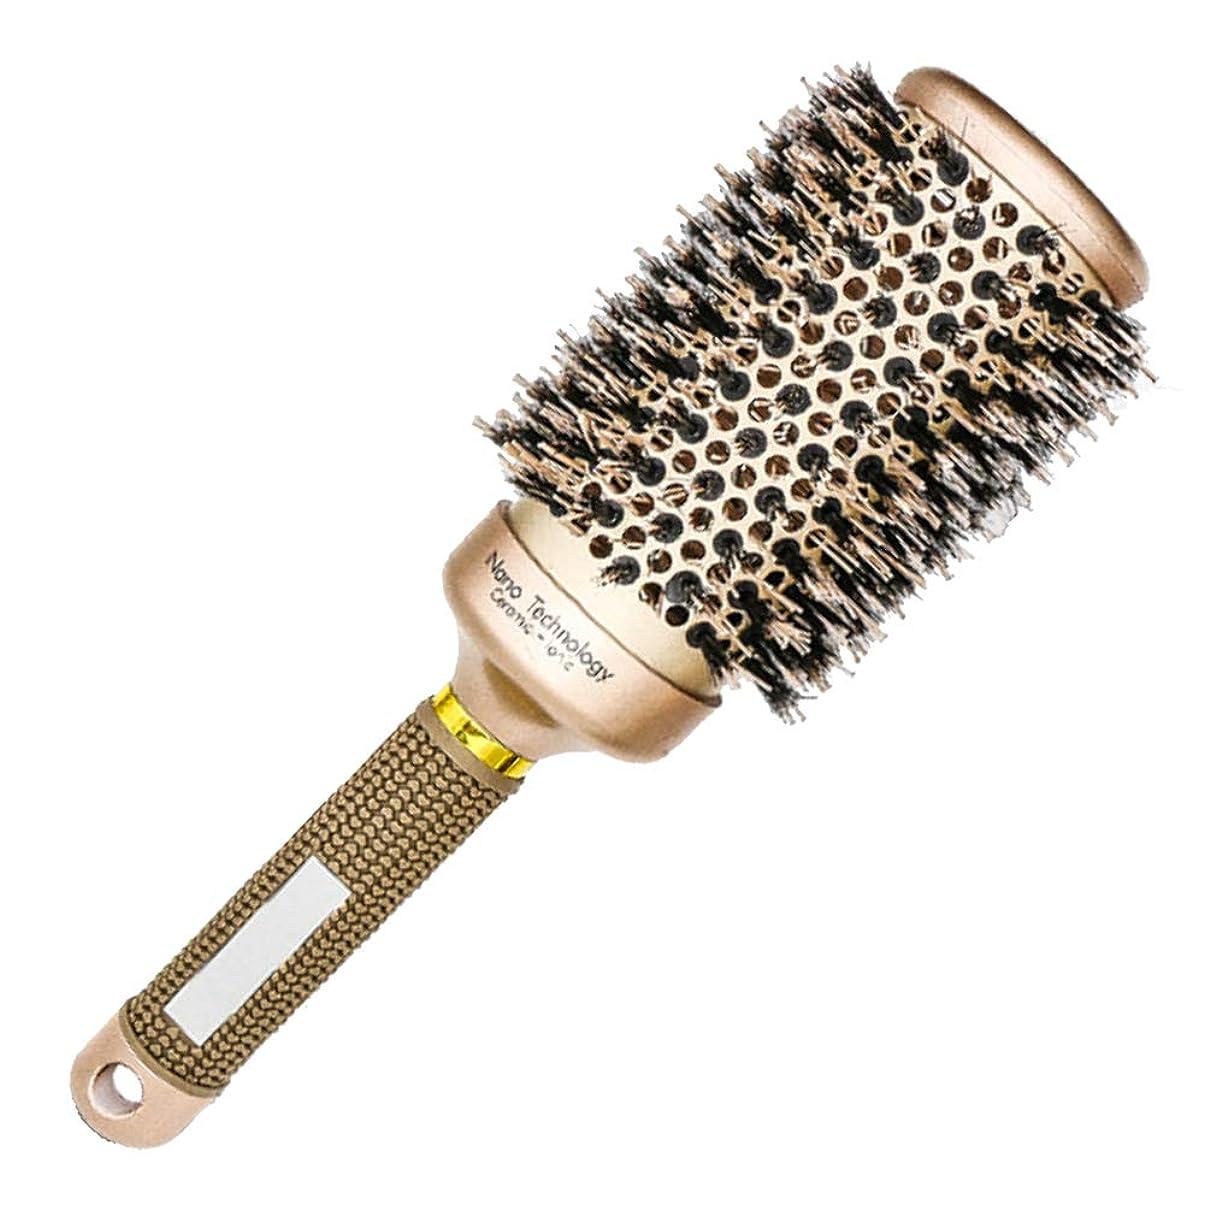 聖域よろしく委任する57 VENTO スタイリング ロールヘアブラシ 天然毛 & ナイロン毛 セラミック バレル ナノテクノロジー (# 53 mm)